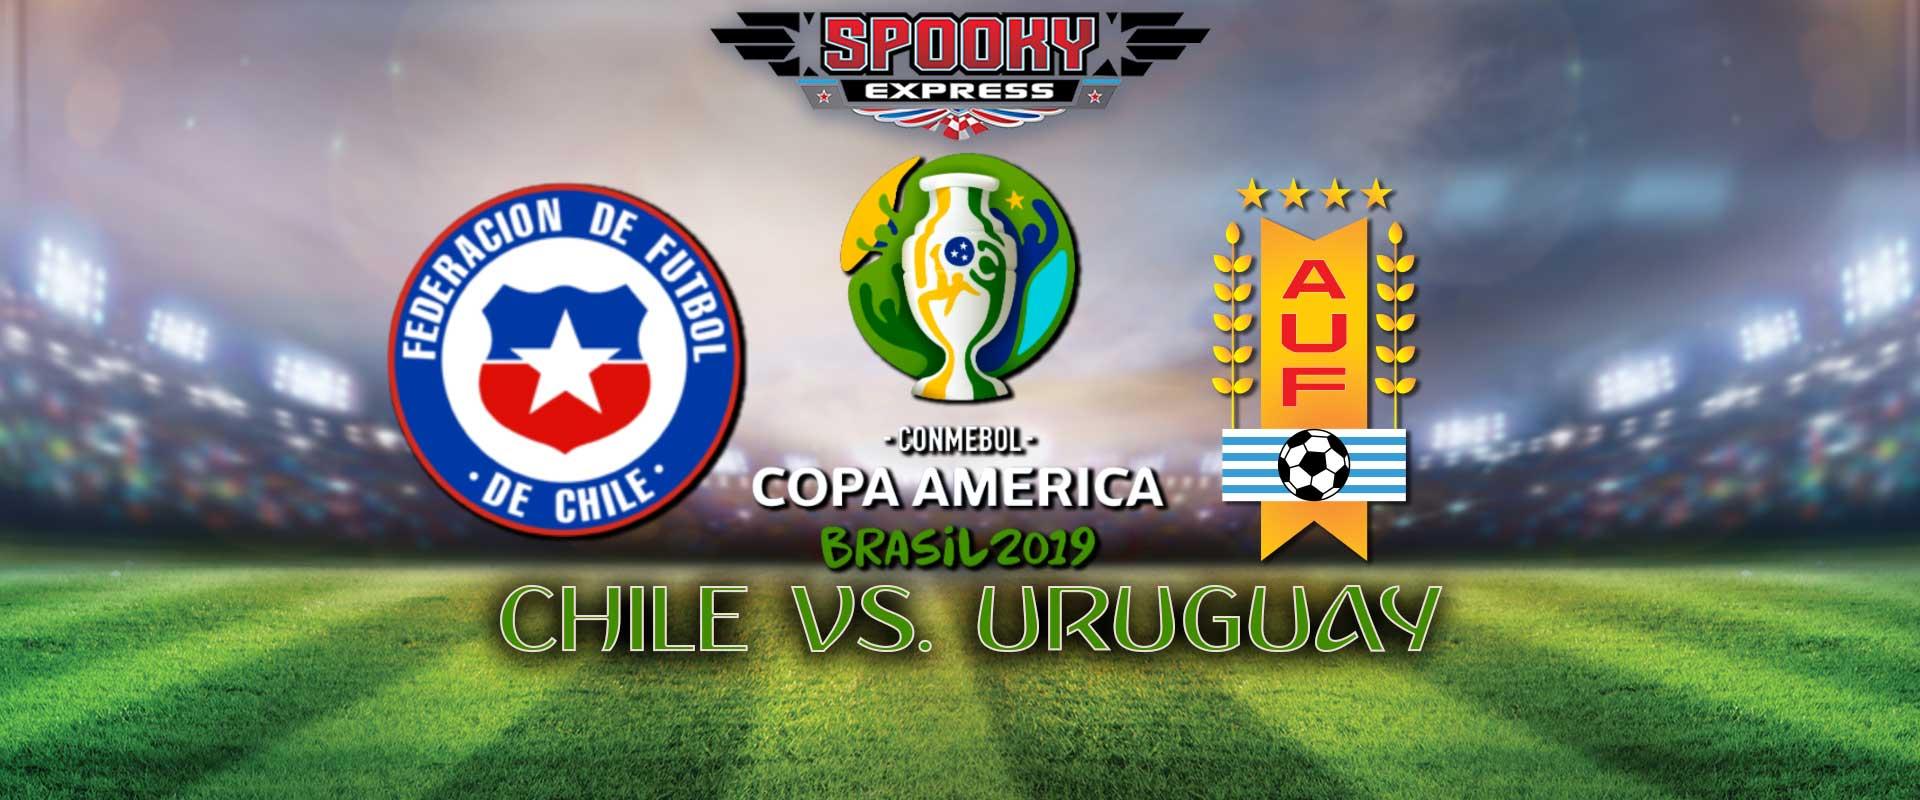 chile vs uruguay - photo #1